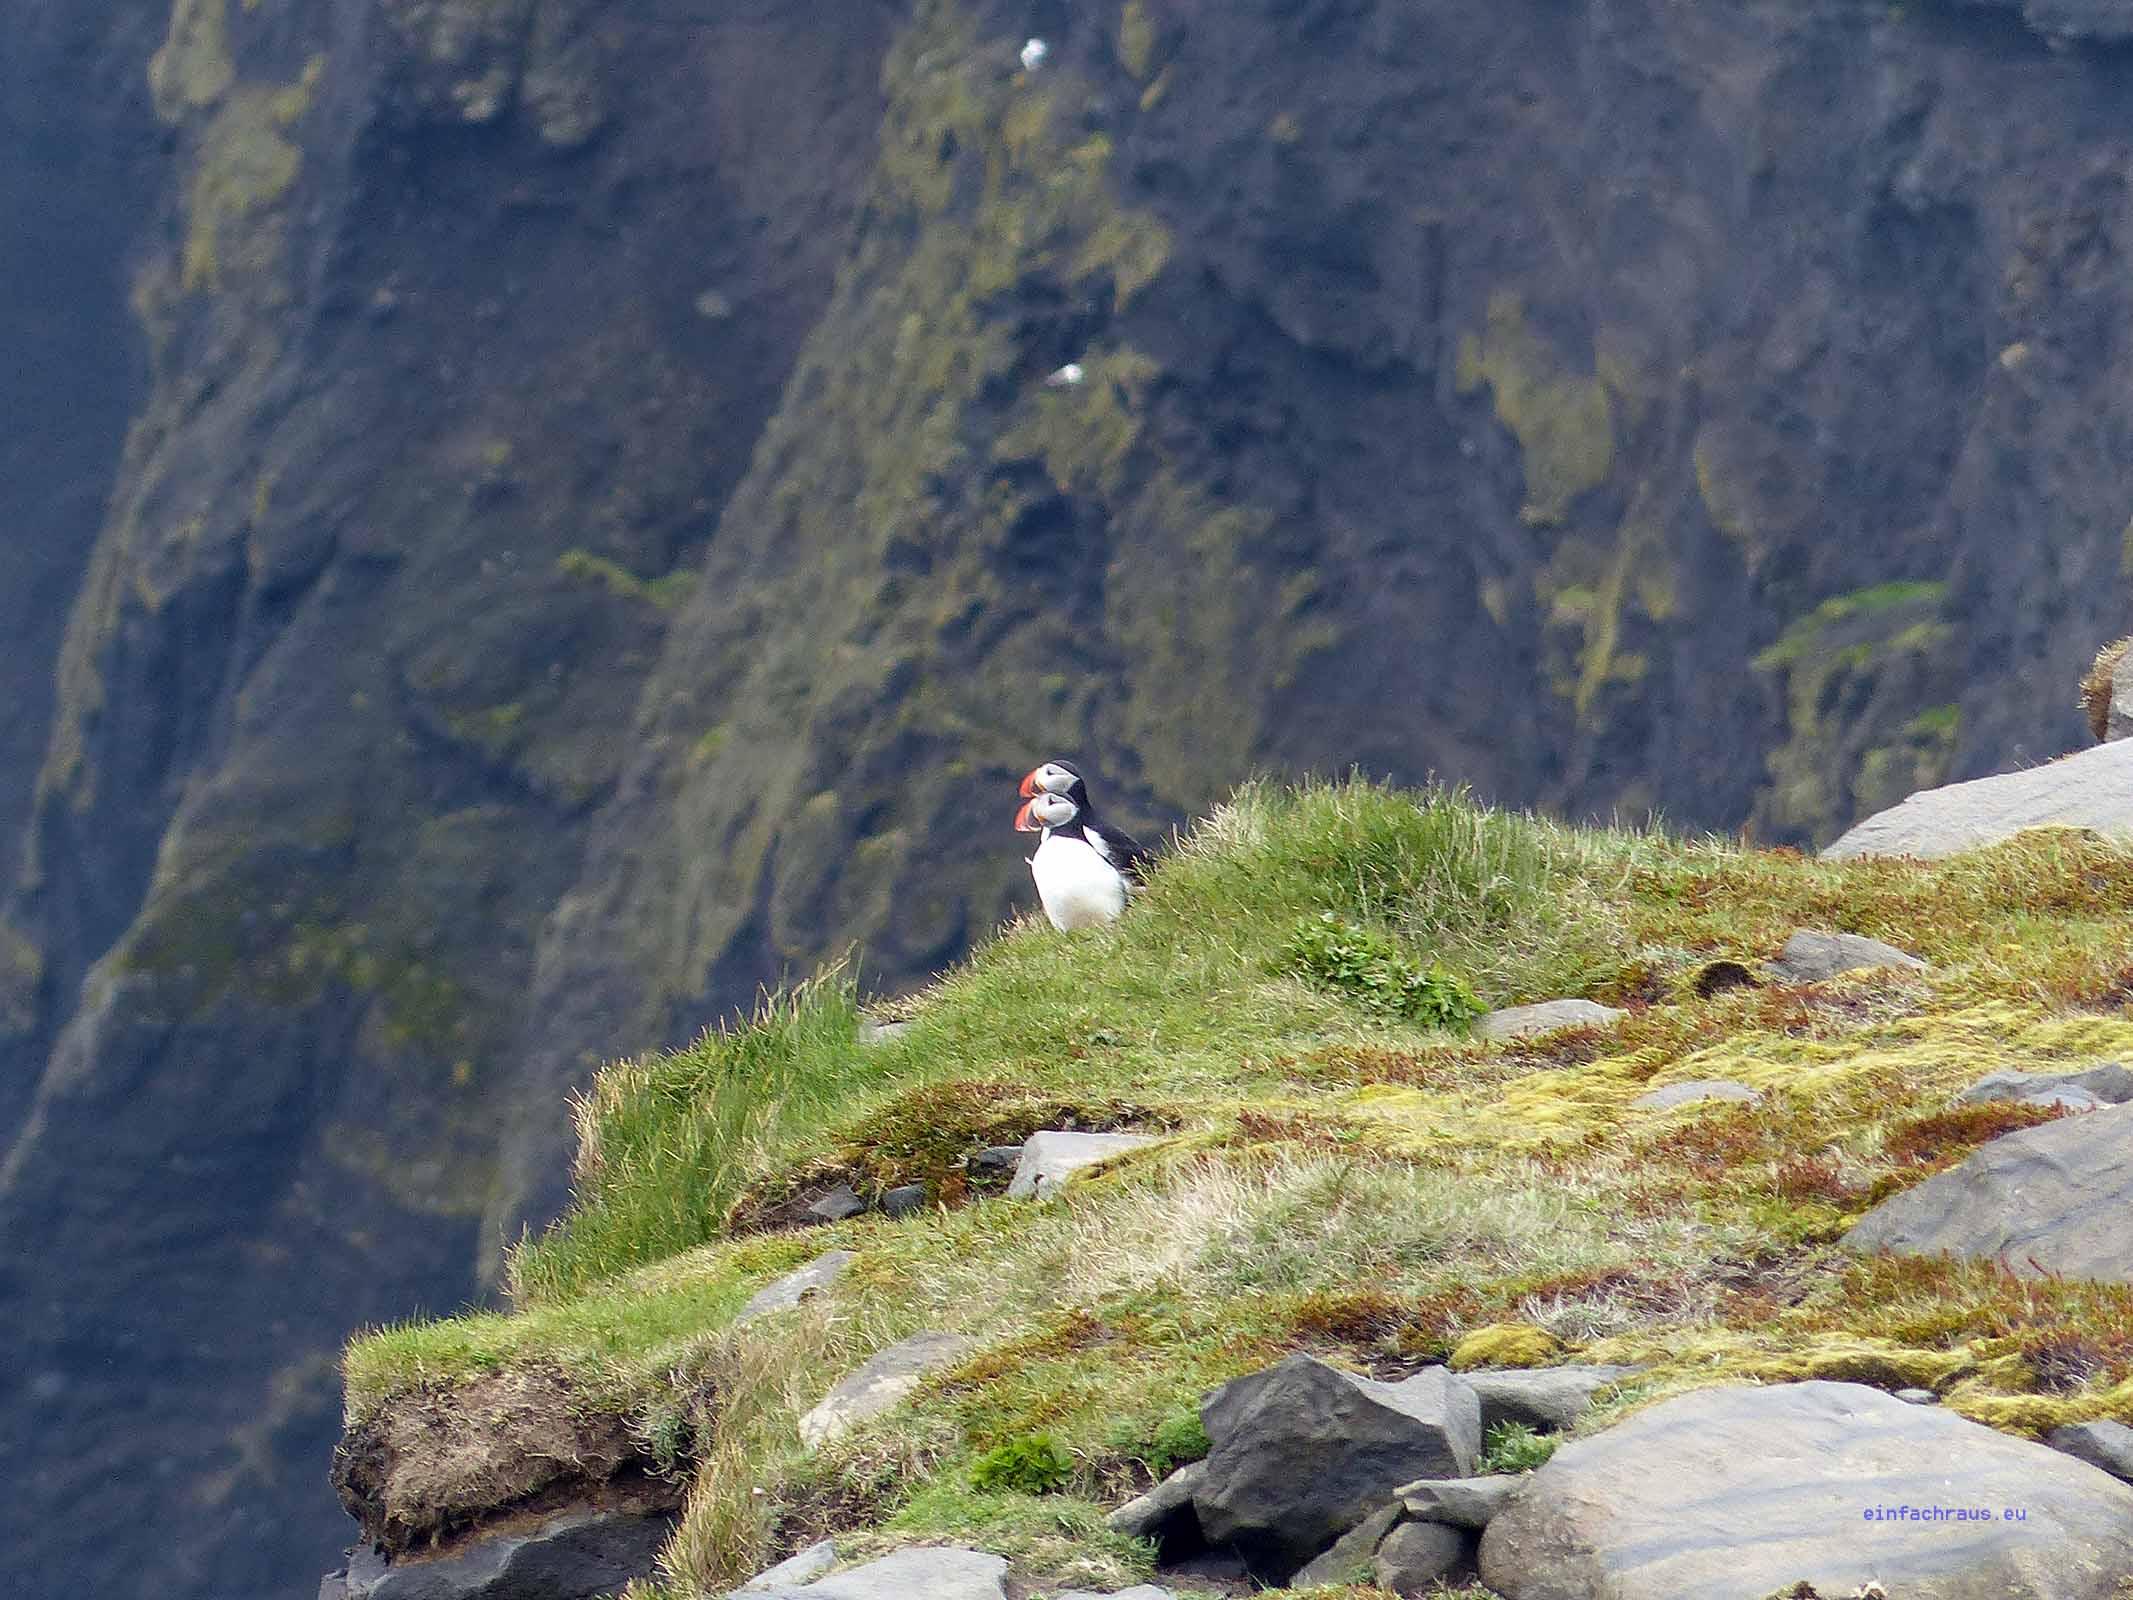 Auf Island wird der kleine Kerl mit seinem farbenfrohen Schnabel nur Lundi genann